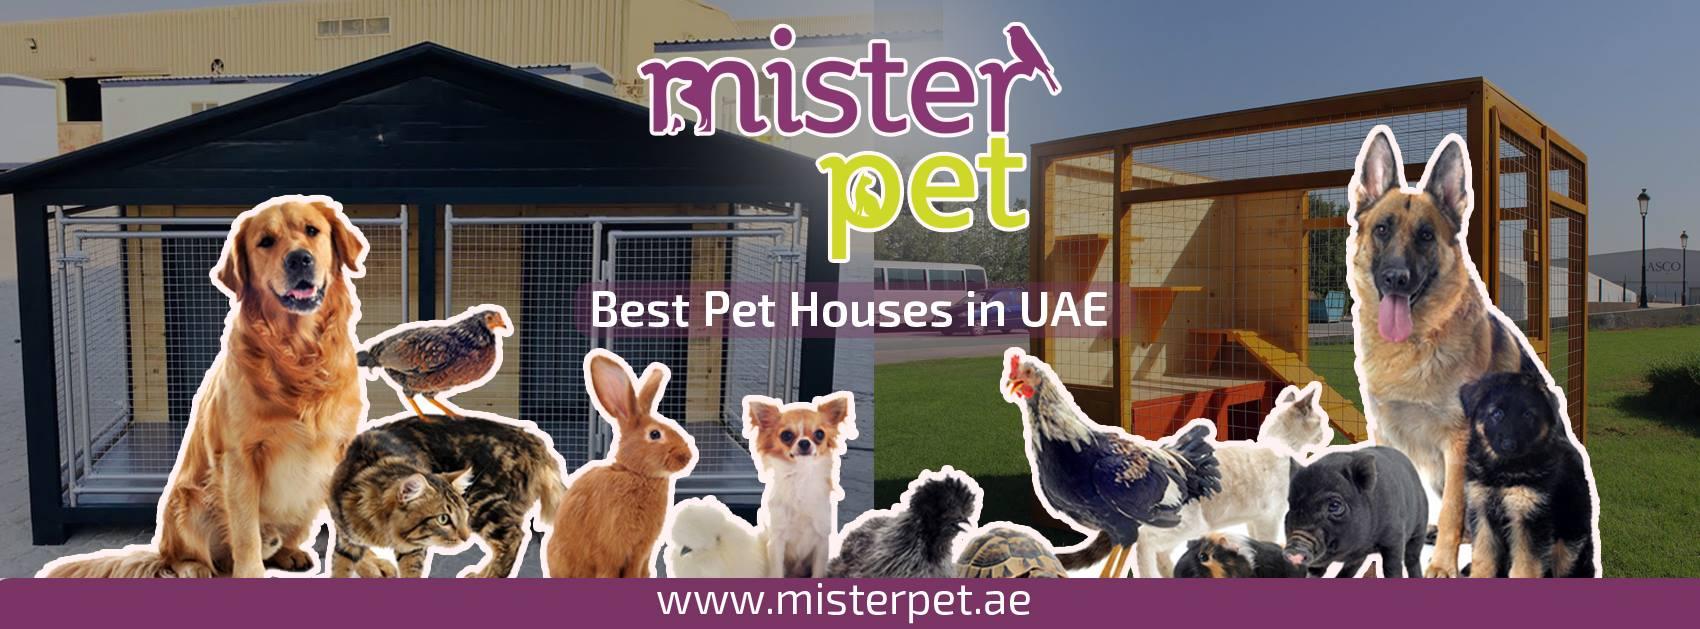 MisterPet.ae online shop